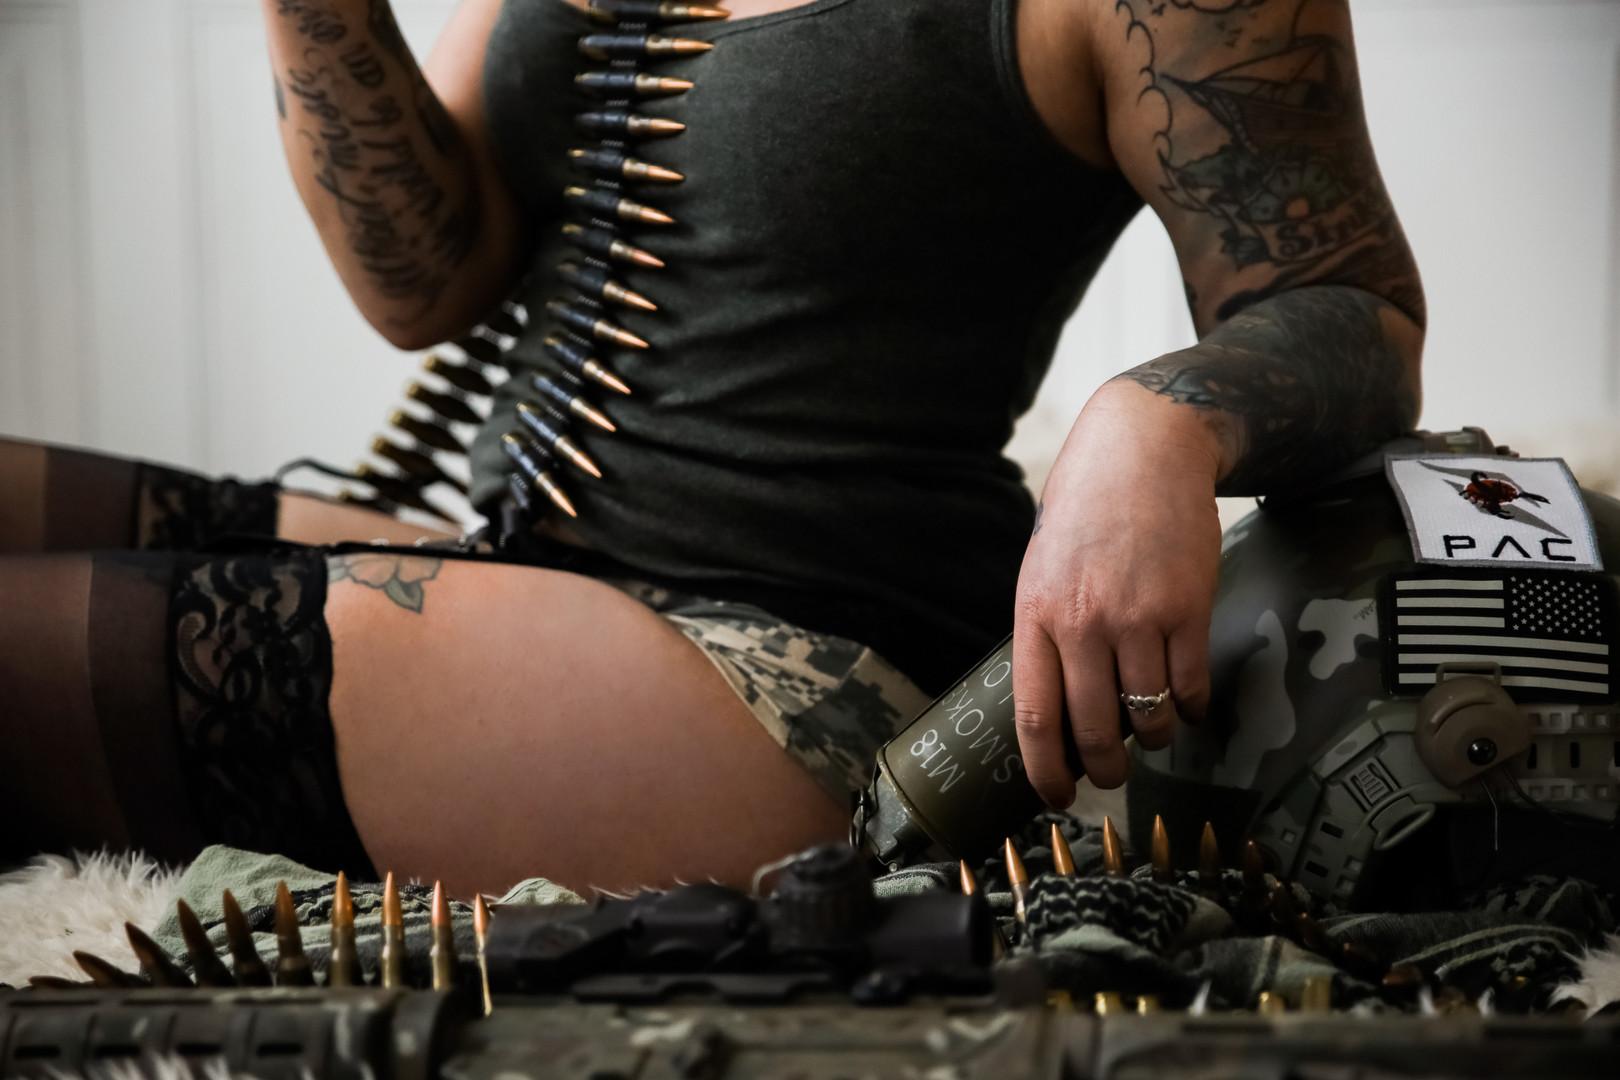 gunsglamor0036.jpg